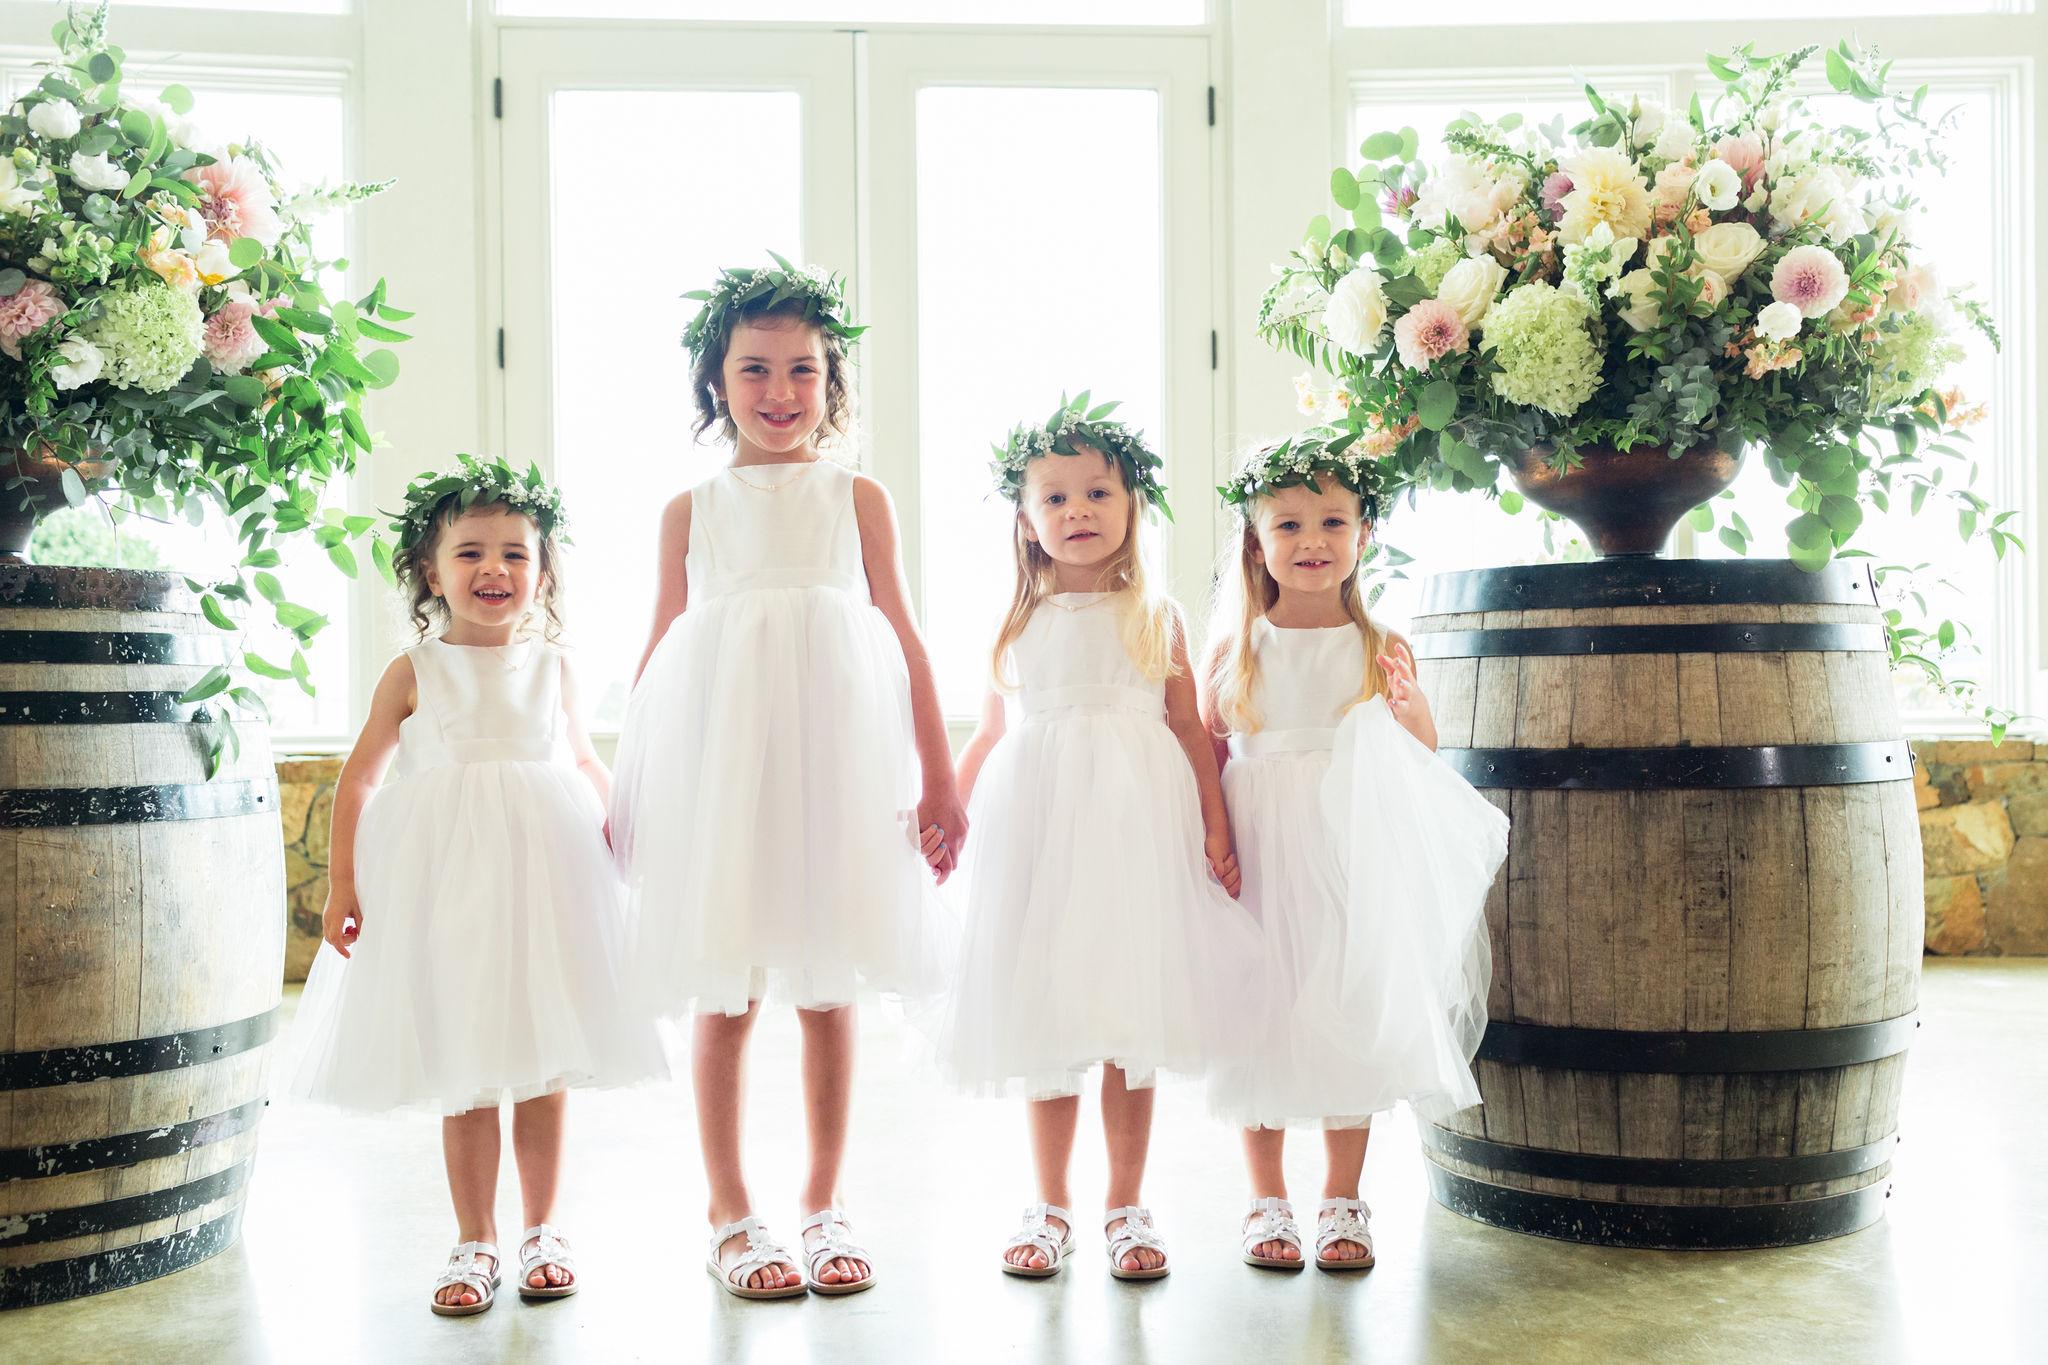 20180811_allie_connor_wedding_0422.jpg